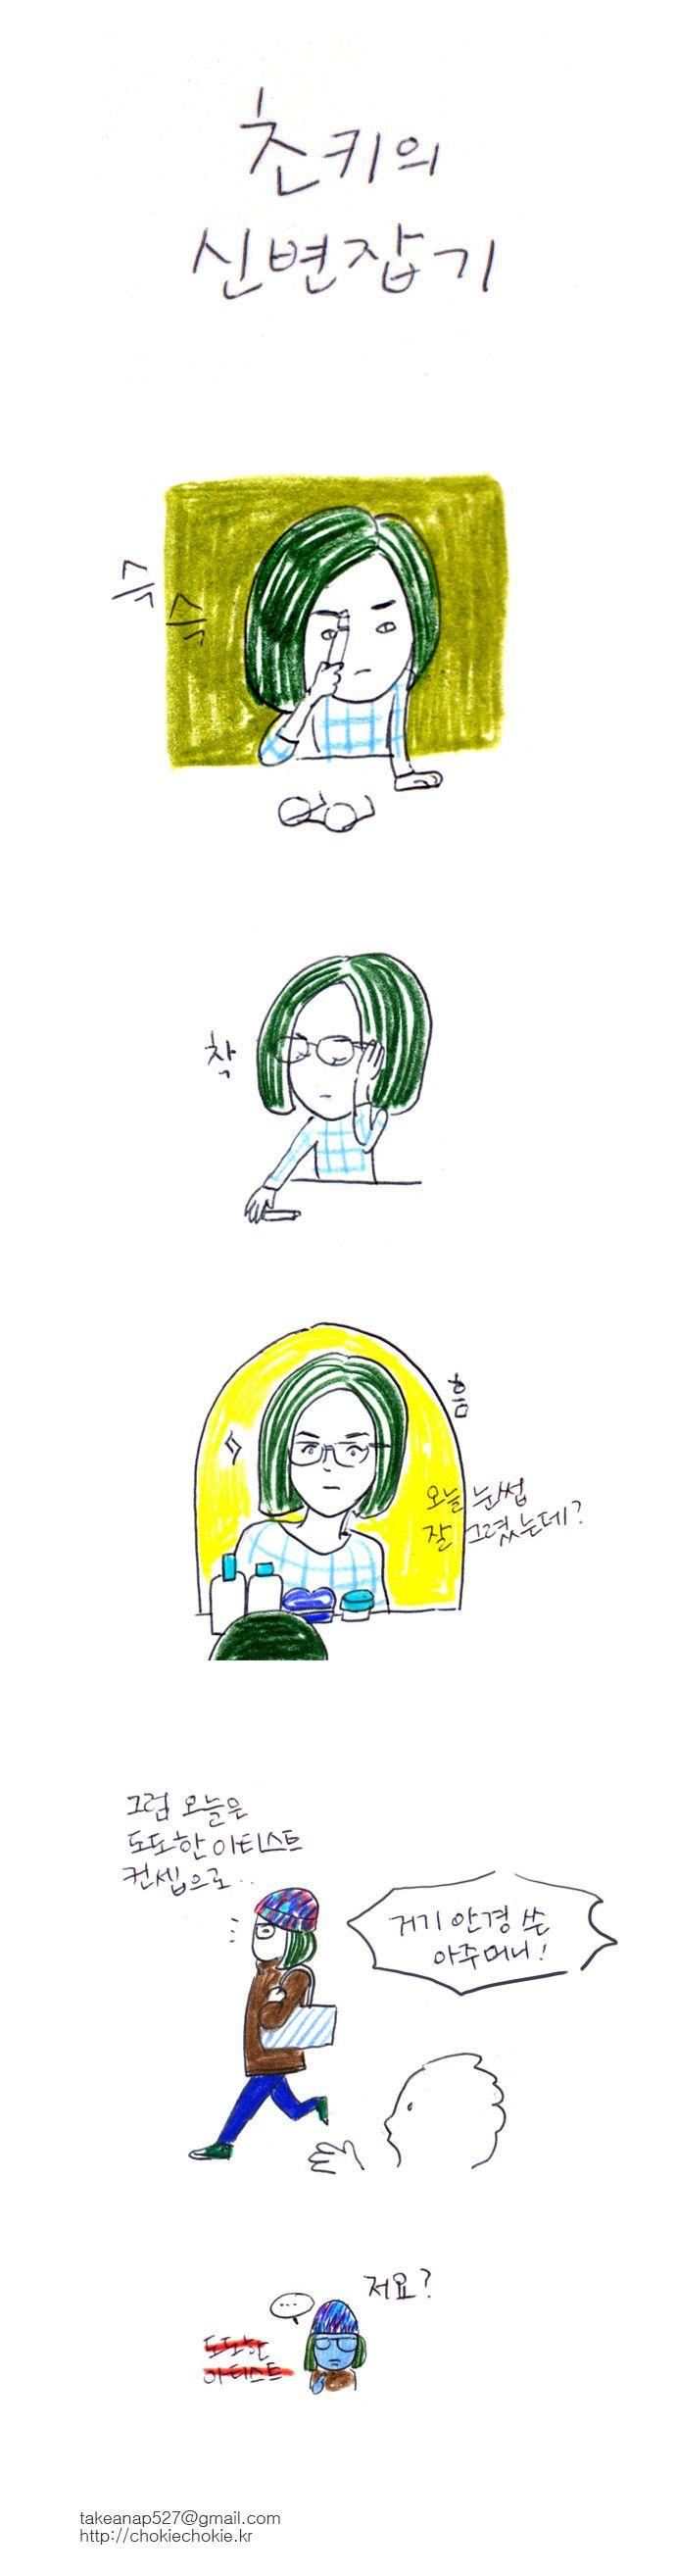 안경 | 초키의 신변잡기Daum 만화속세상